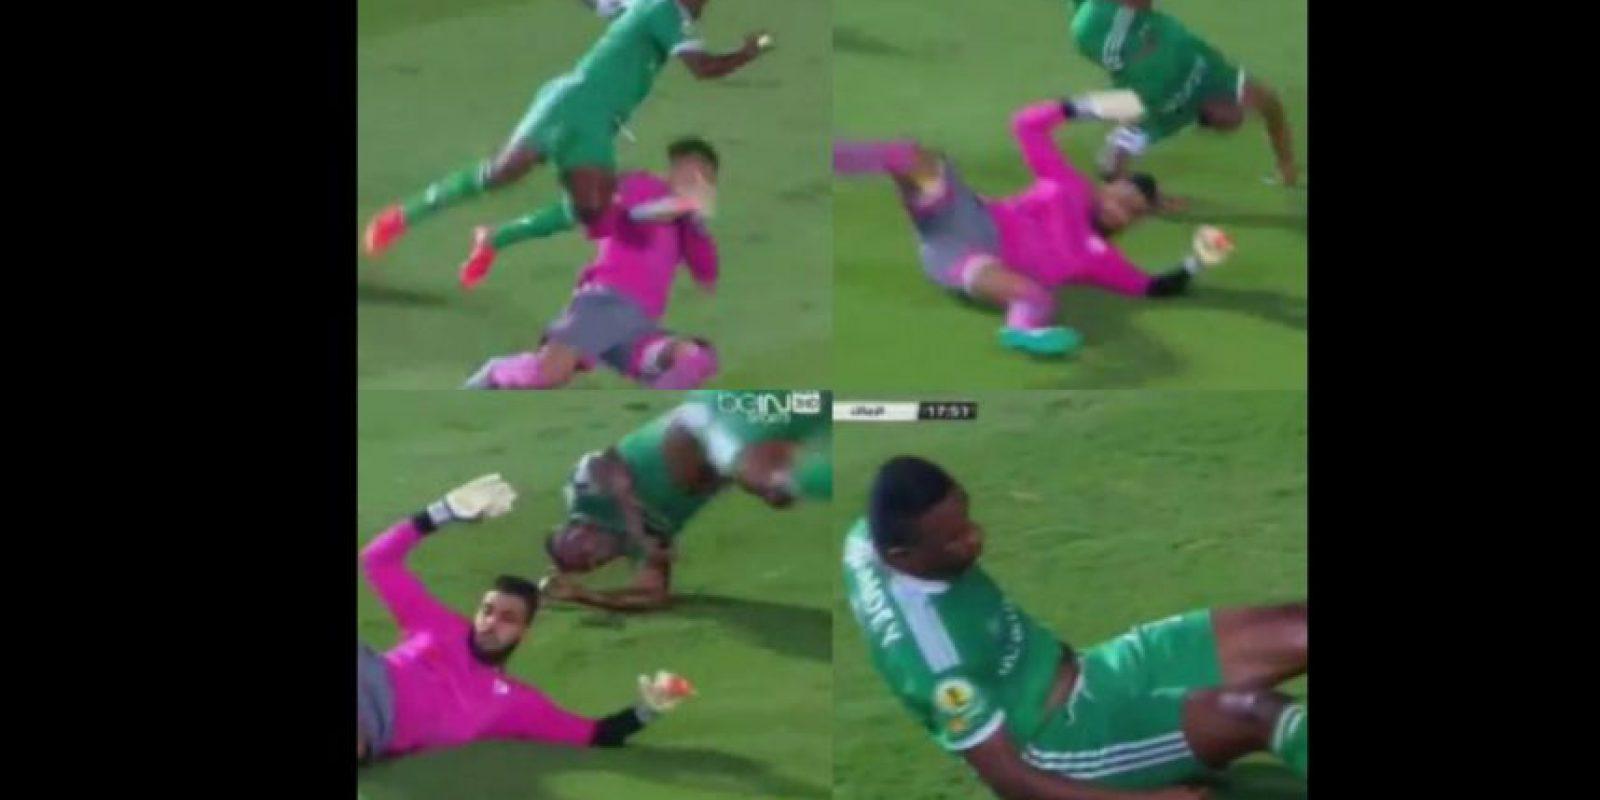 Así de aparatosa fue su caída. Foto:YouTube Mohamed Eloshe